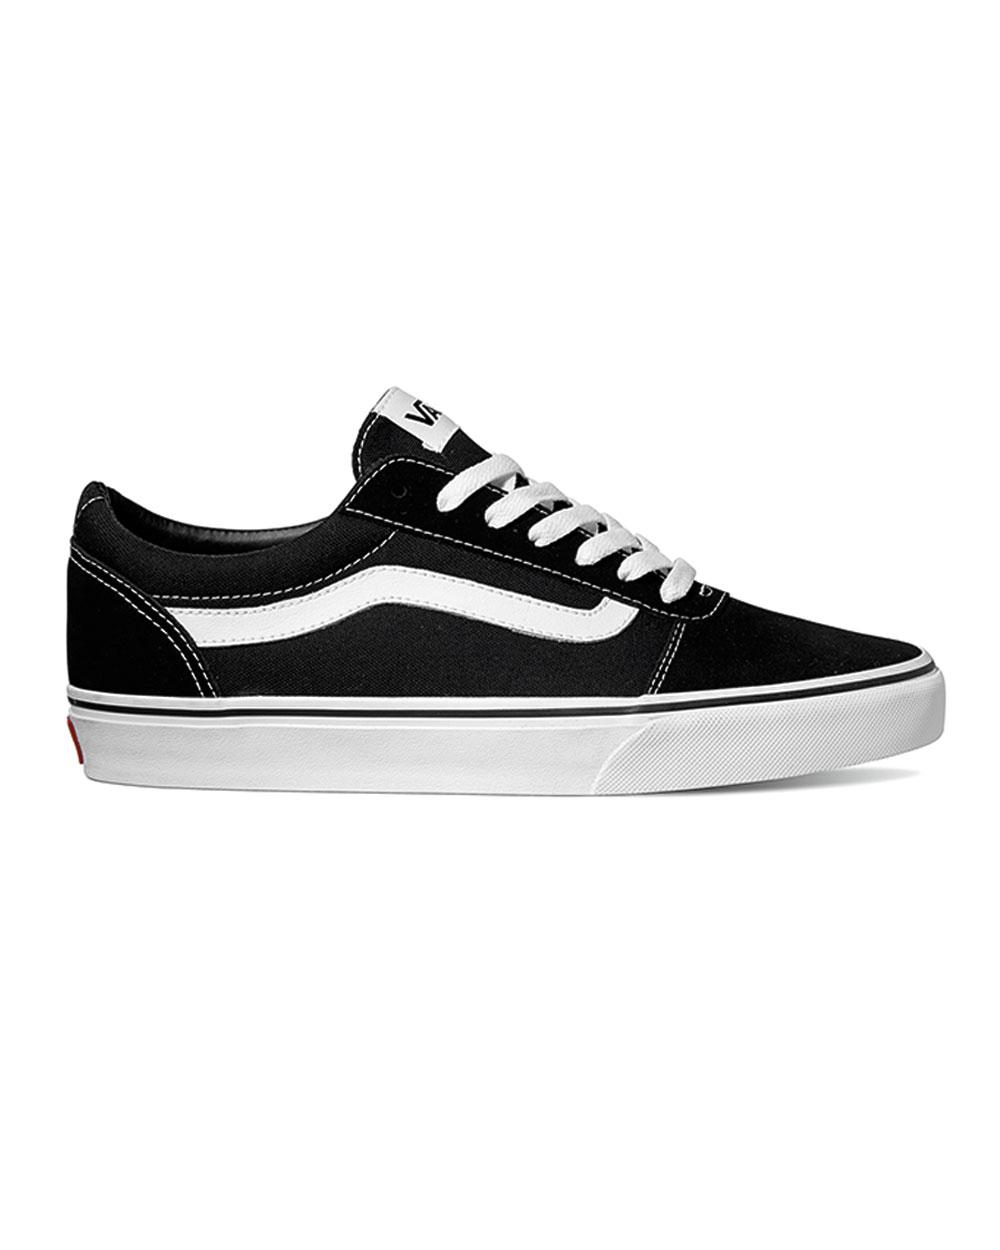 Vans Suede/Canvas Ward (black/white